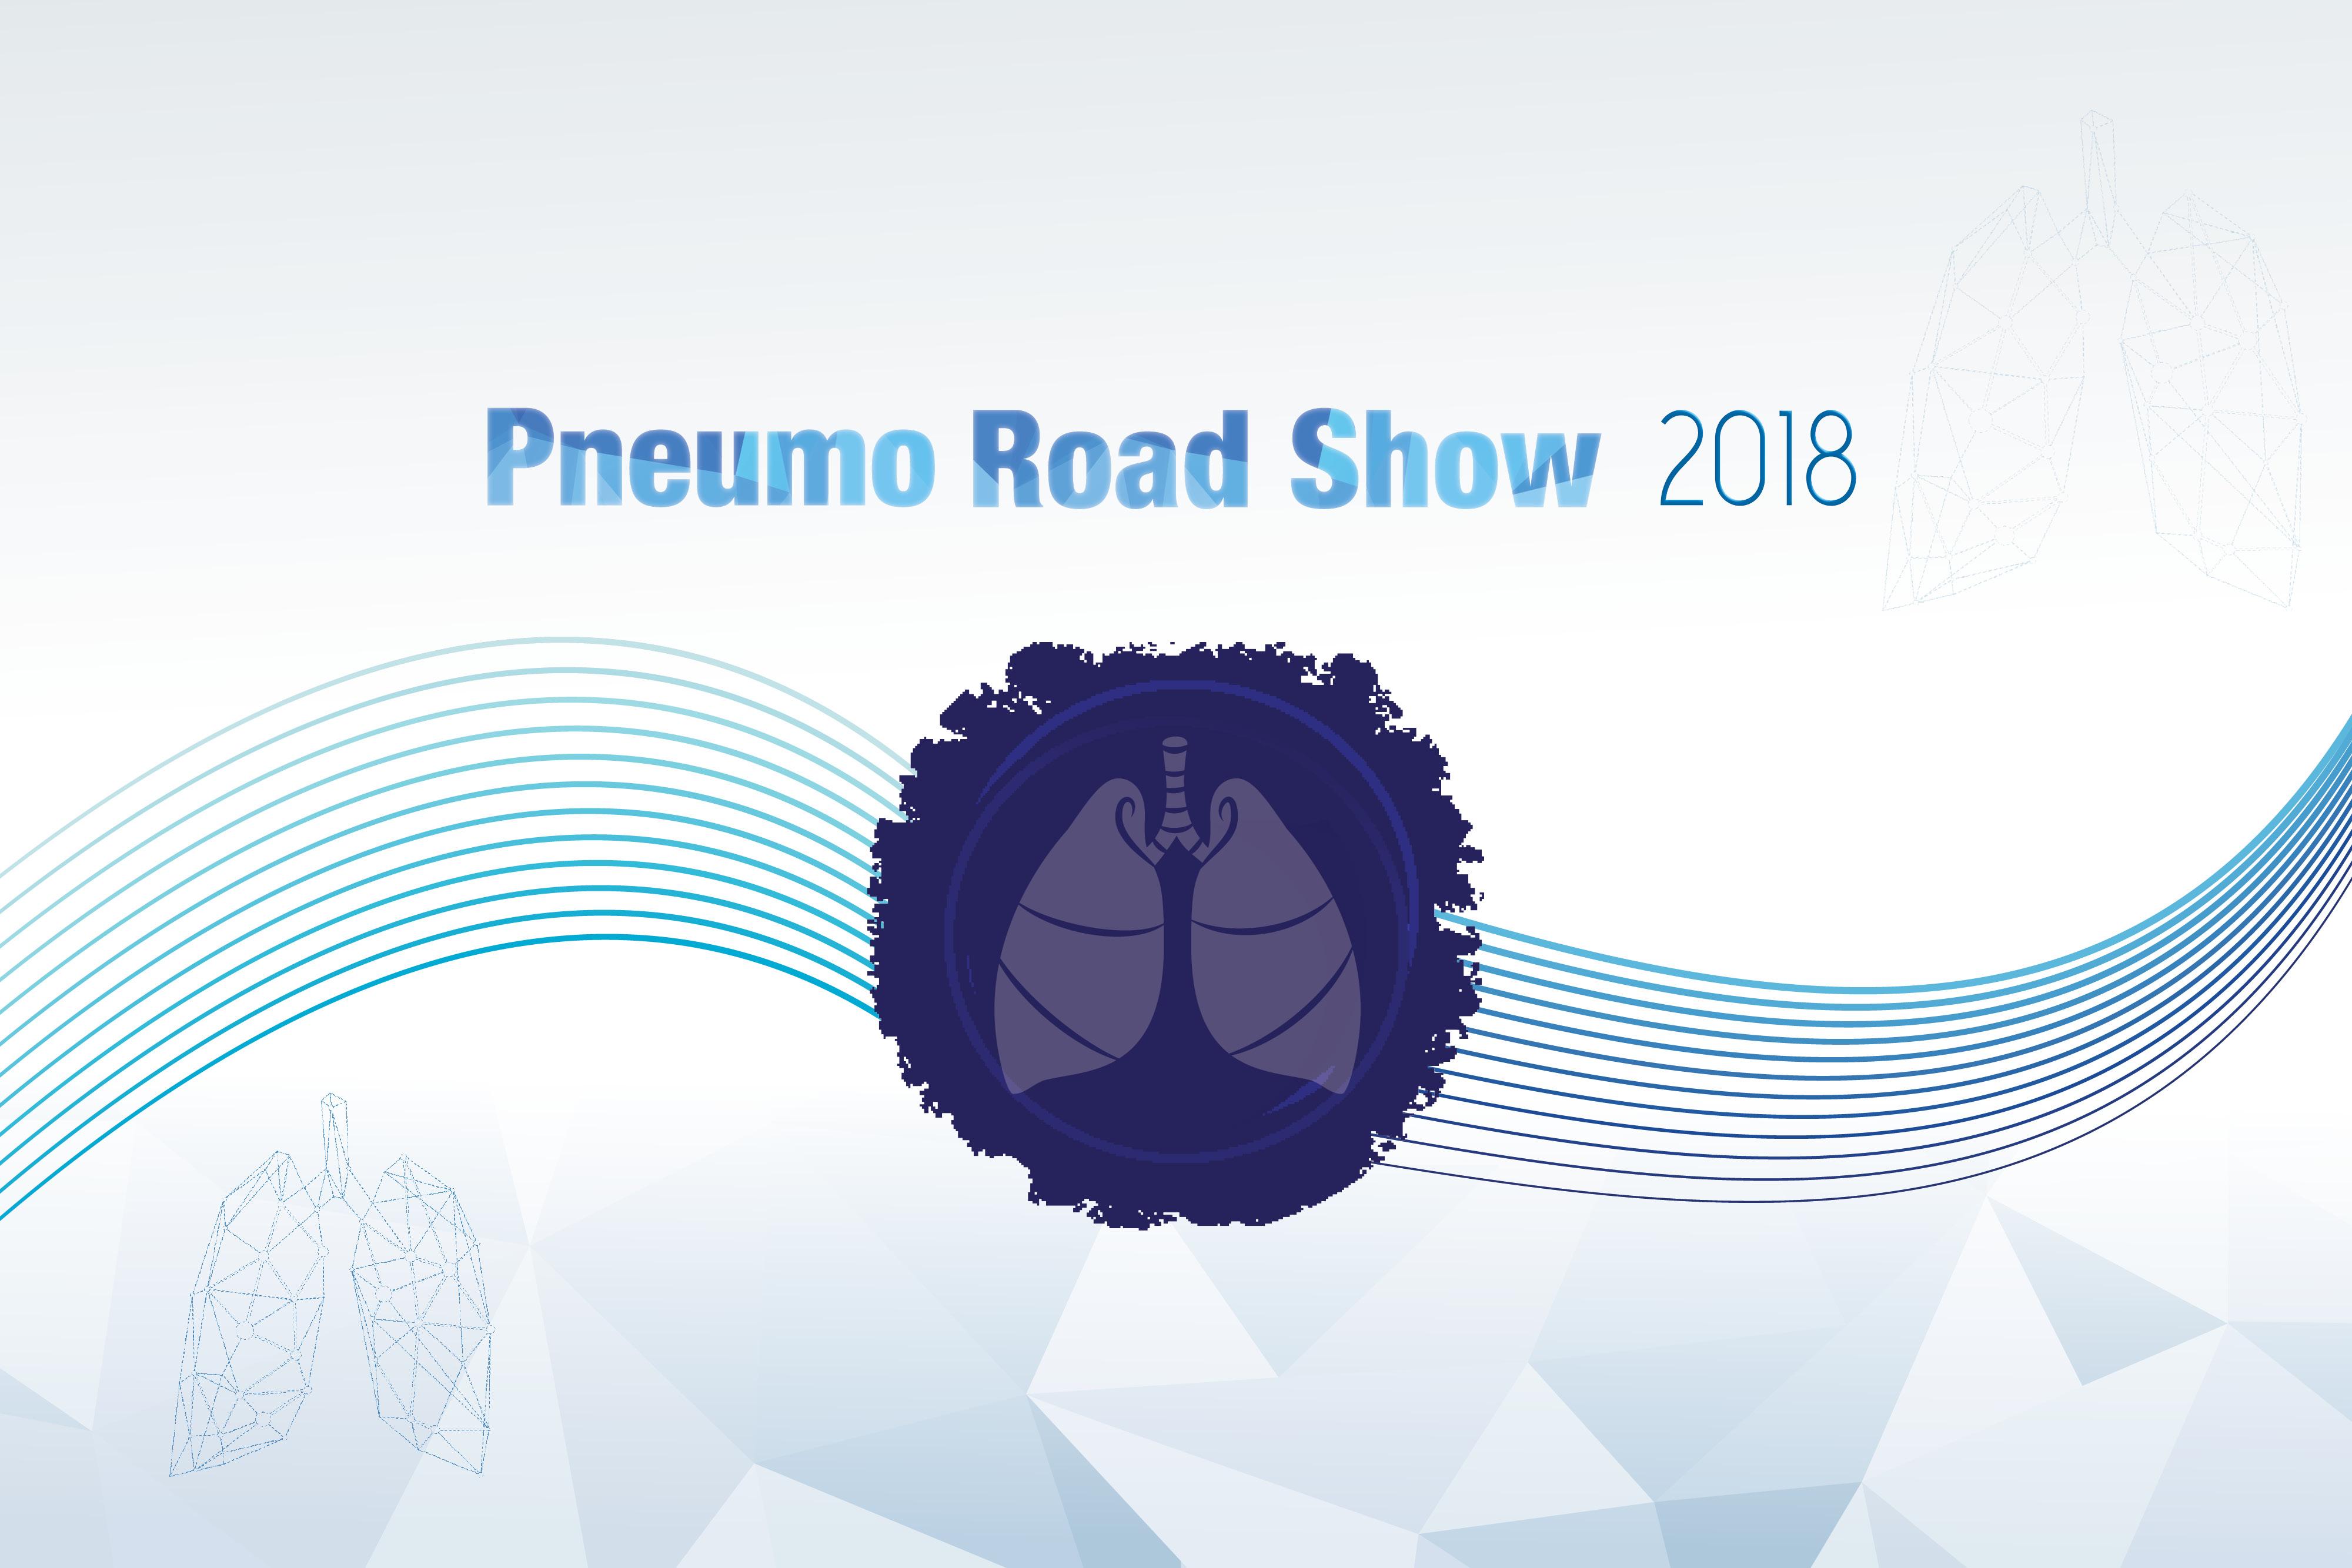 pneumo-road-show-2018_cover